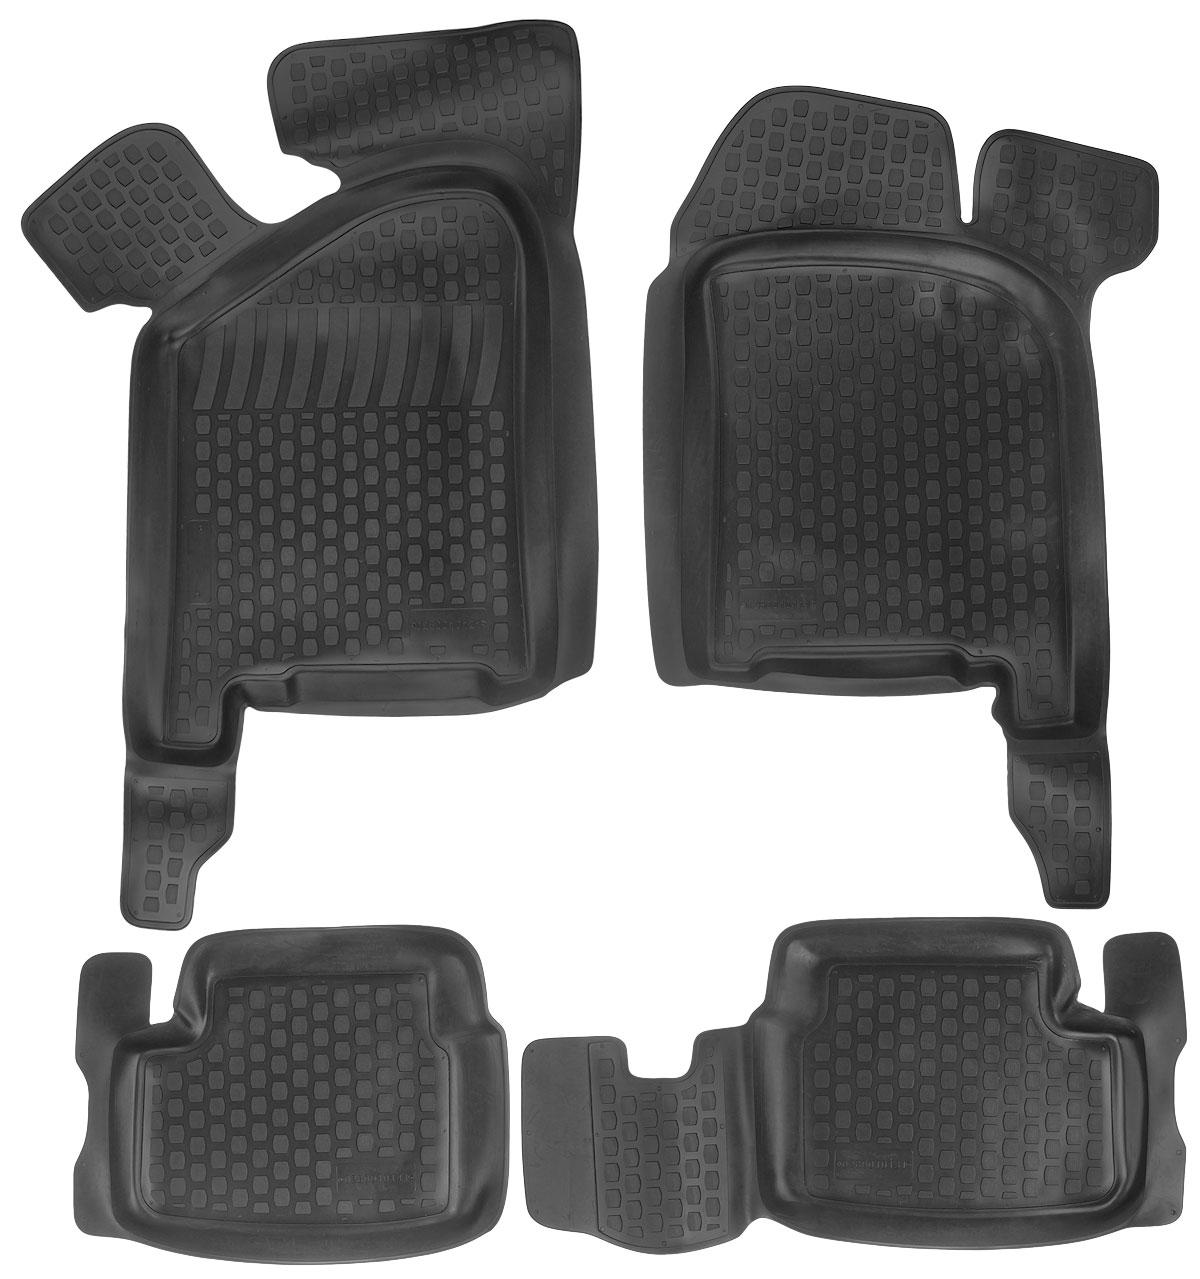 Набор автомобильных ковриков L.Locker ВАЗ 2108-2109/2113-2115, в салон, 4 шт бу кузов ваз 2109